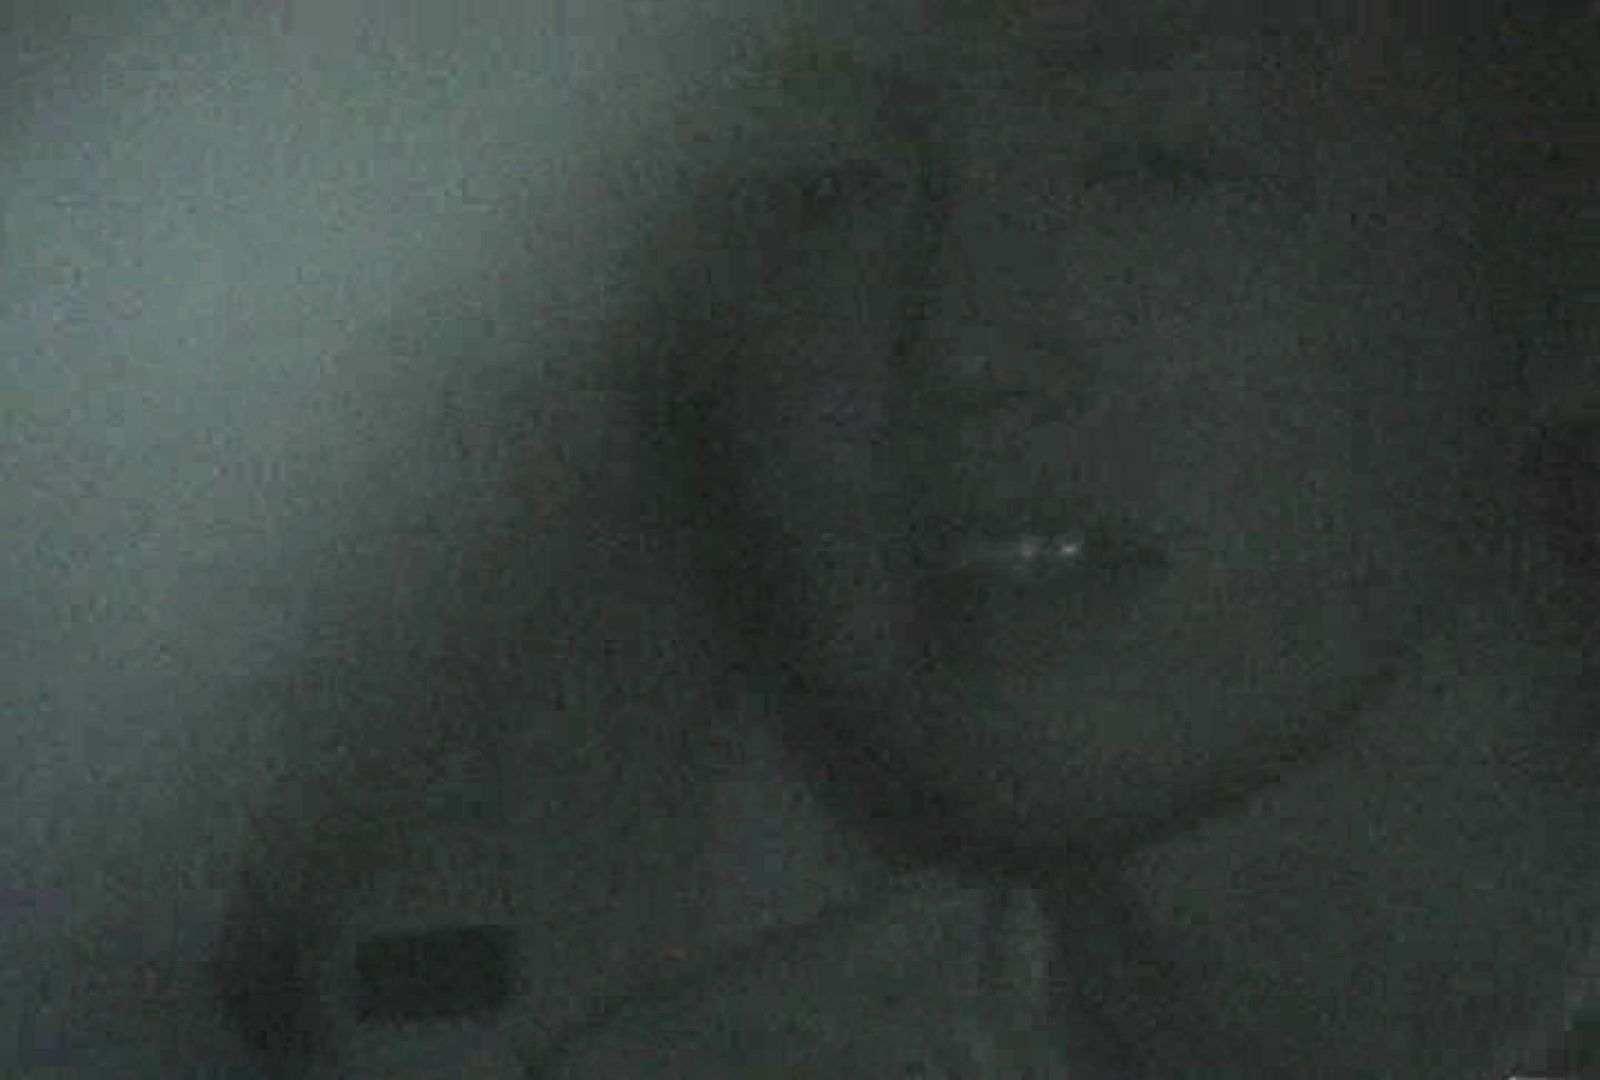 充血監督の深夜の運動会Vol.42 エロティックなOL エロ画像 55画像 27